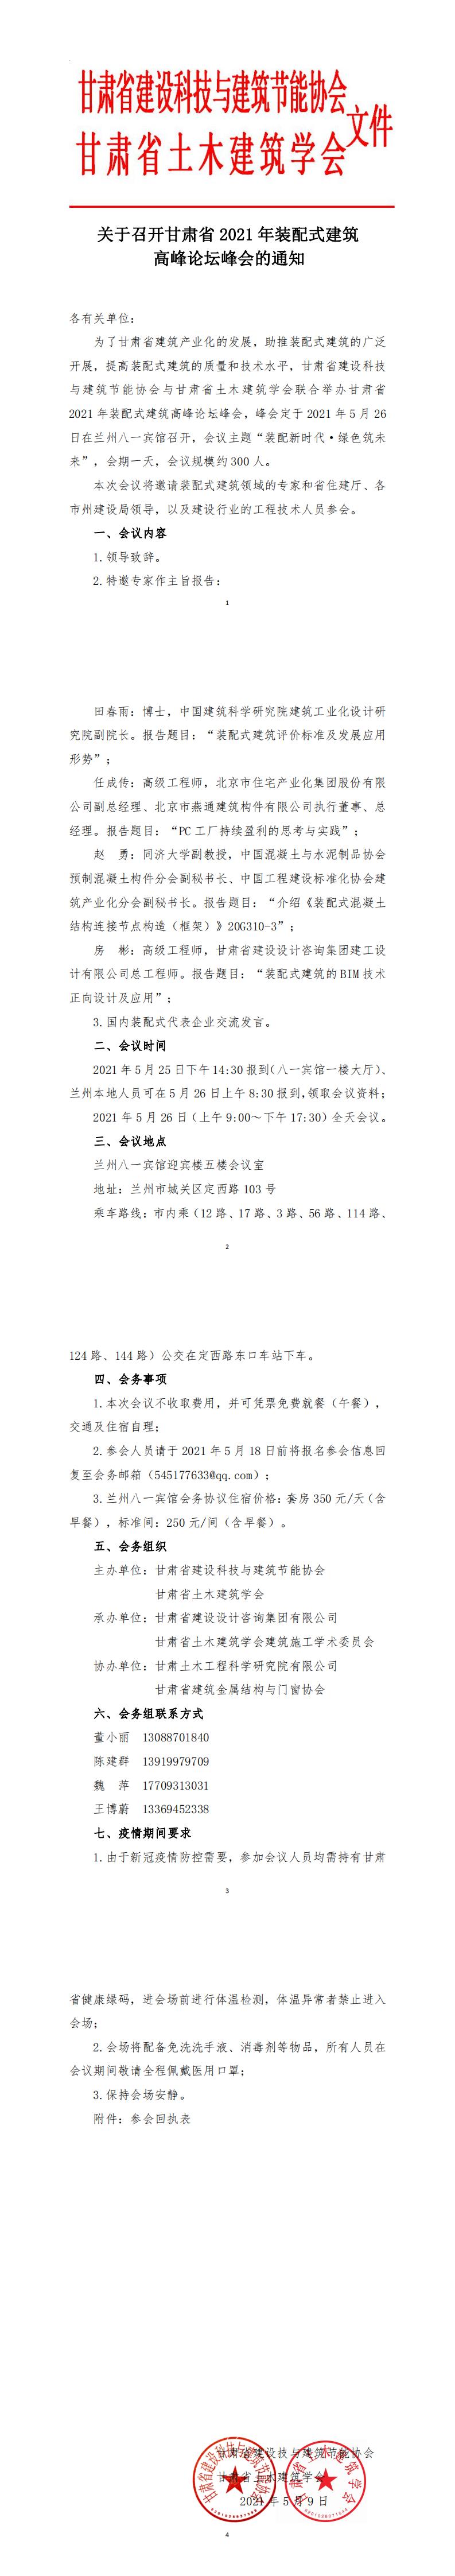 关于召开甘肃省2021年装配式建筑峰会通知 _0.png